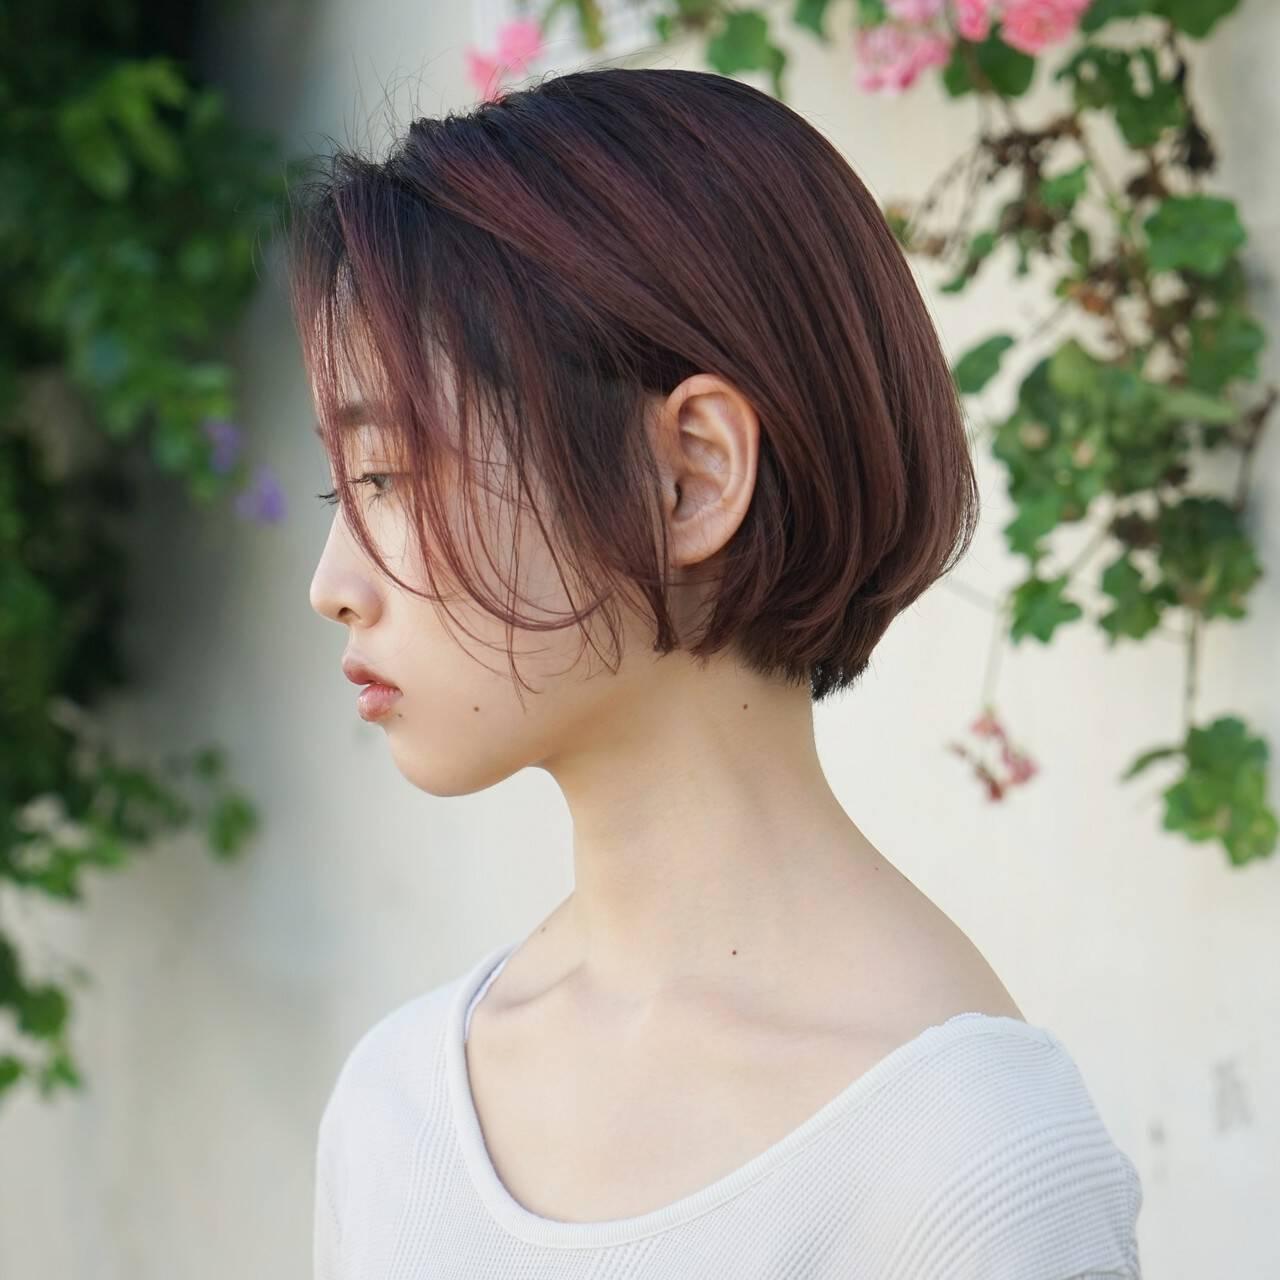 前髪あり ショート 小顔 ラフヘアスタイルや髪型の写真・画像